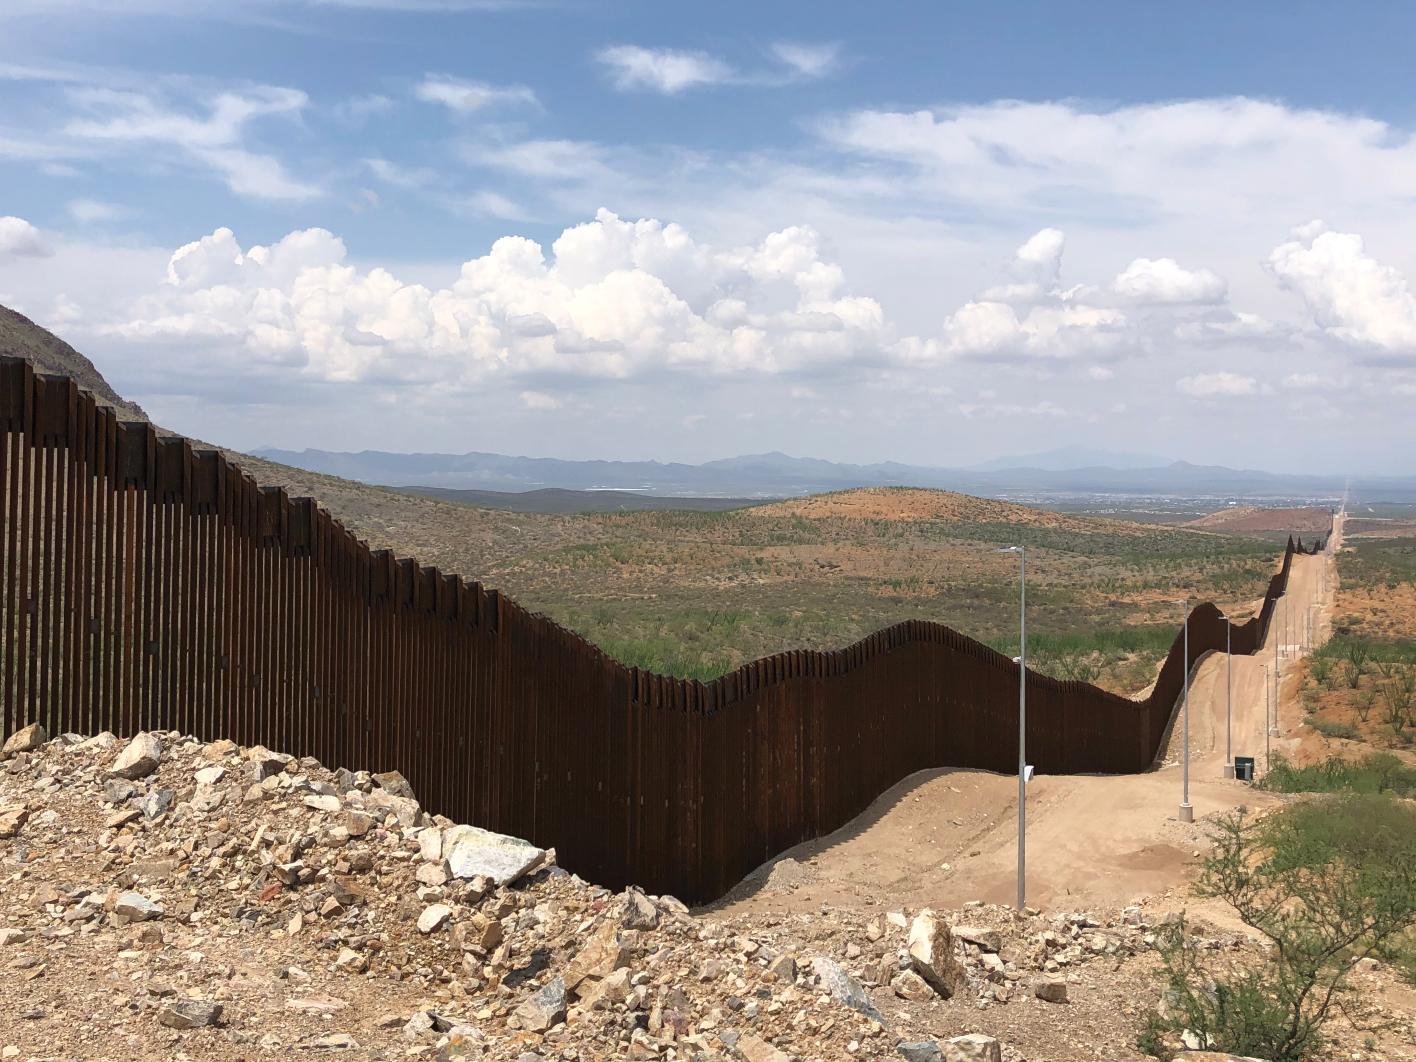 The U.S.-Mexico border wall.